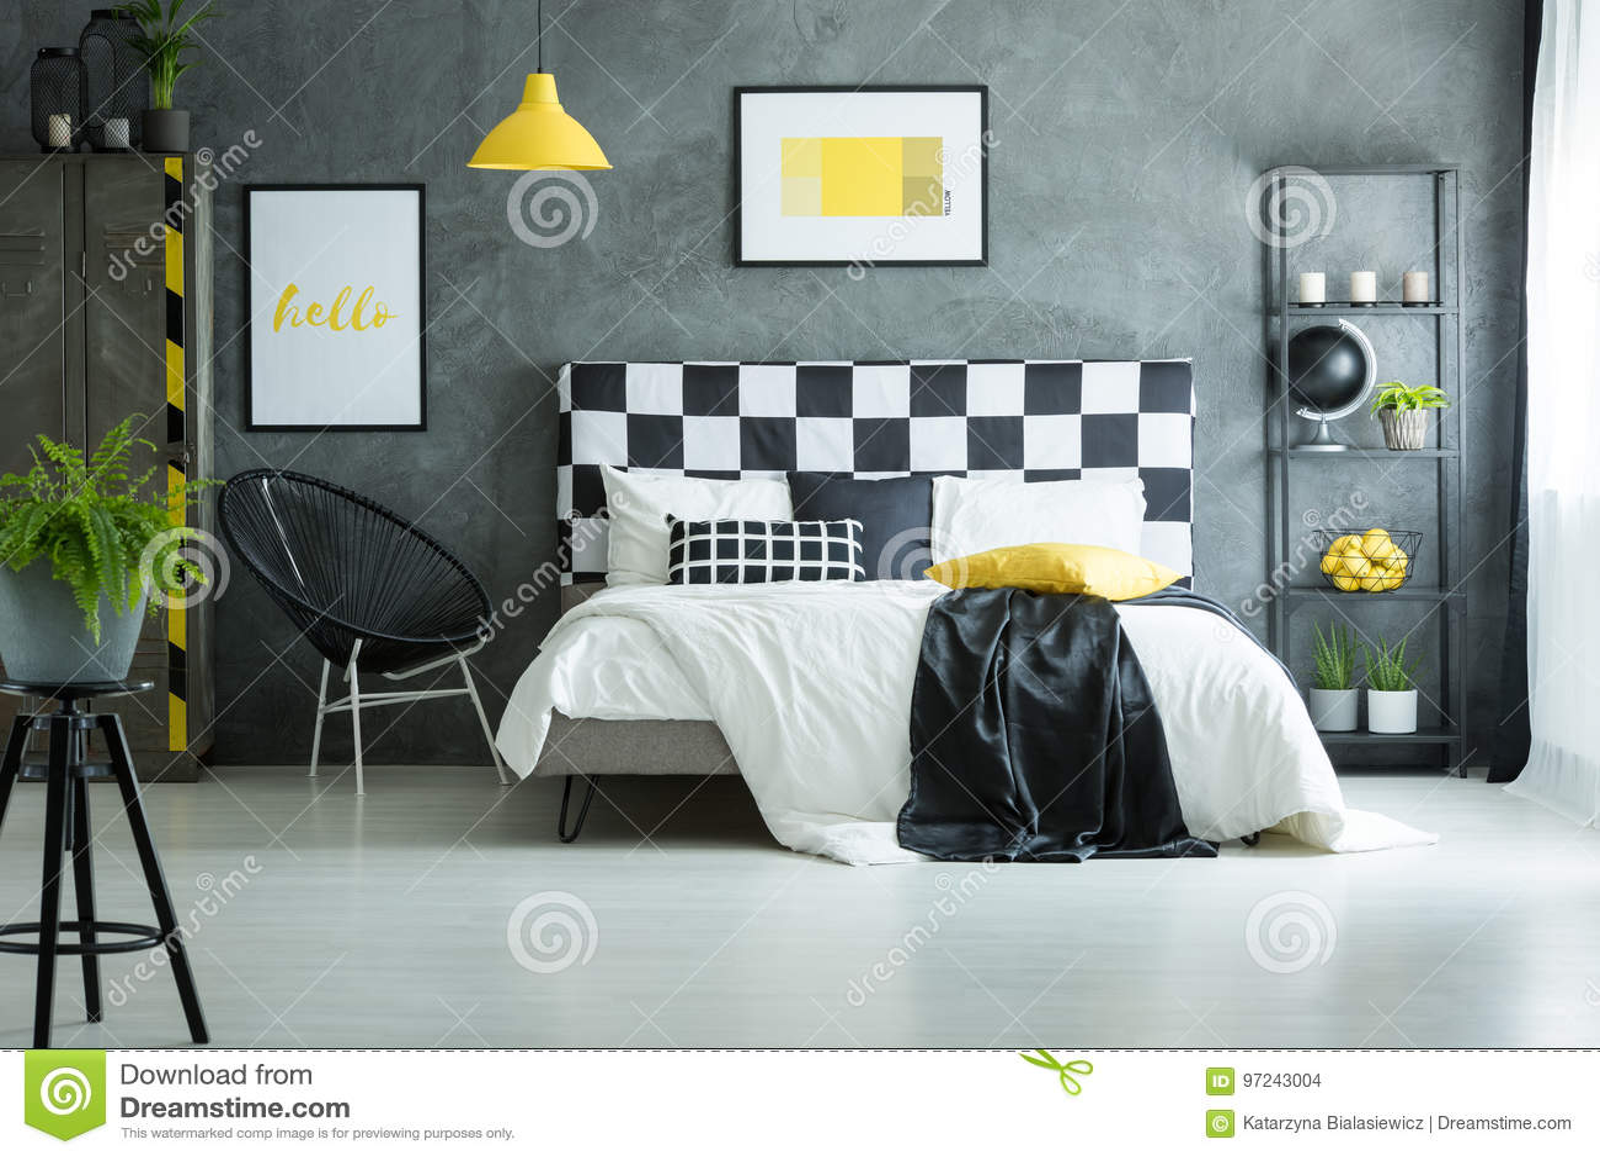 Pavimento Bianco Grigio : Camera da letto accogliente con il pavimento bianco lucido